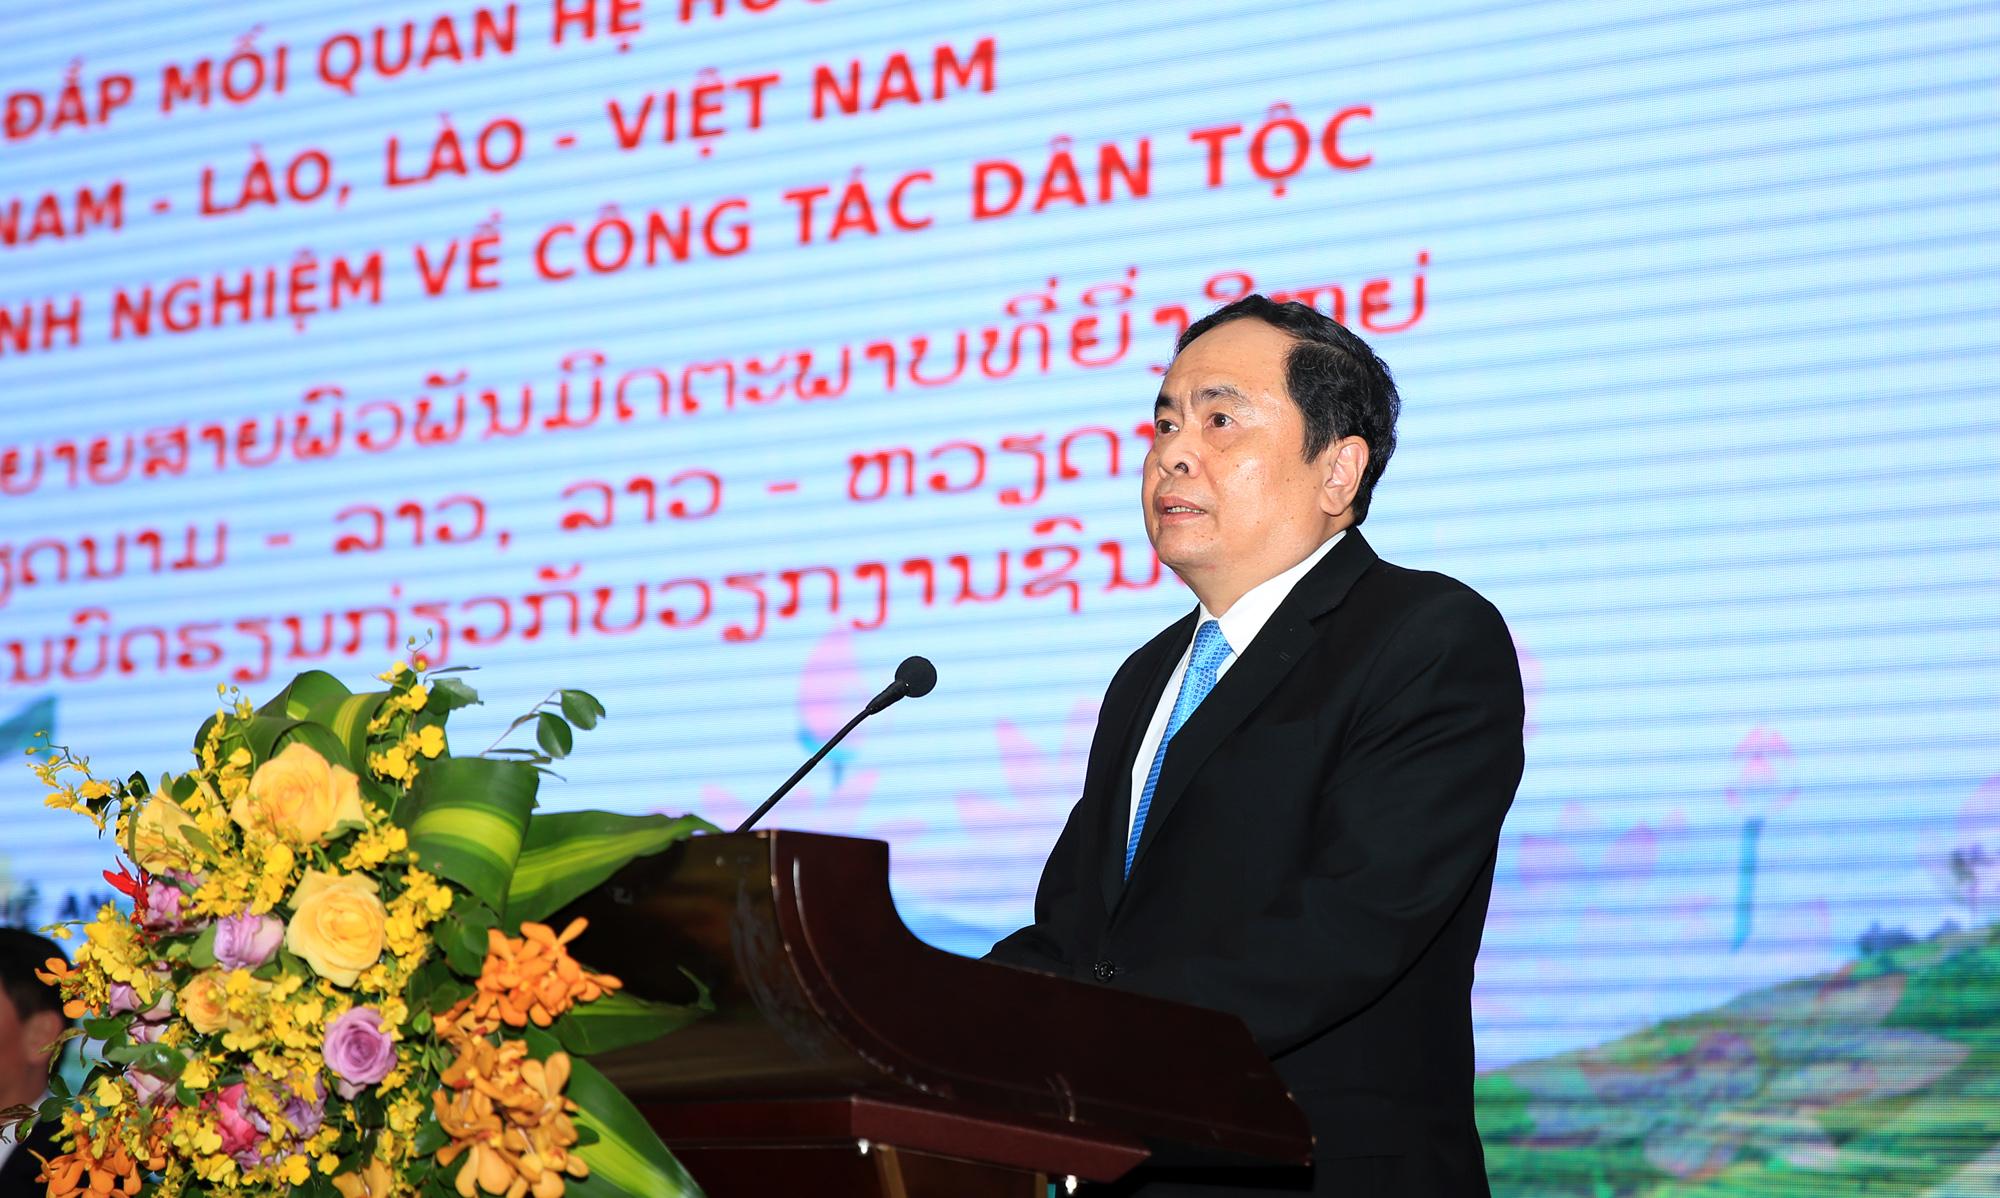 Đồng chí Trần Thanh Mẫn, Bí thư Trung ương Đảng, Chủ tịch Ủy ban MTTQ Việt Nam phát biểu bế mạc Hội thảo